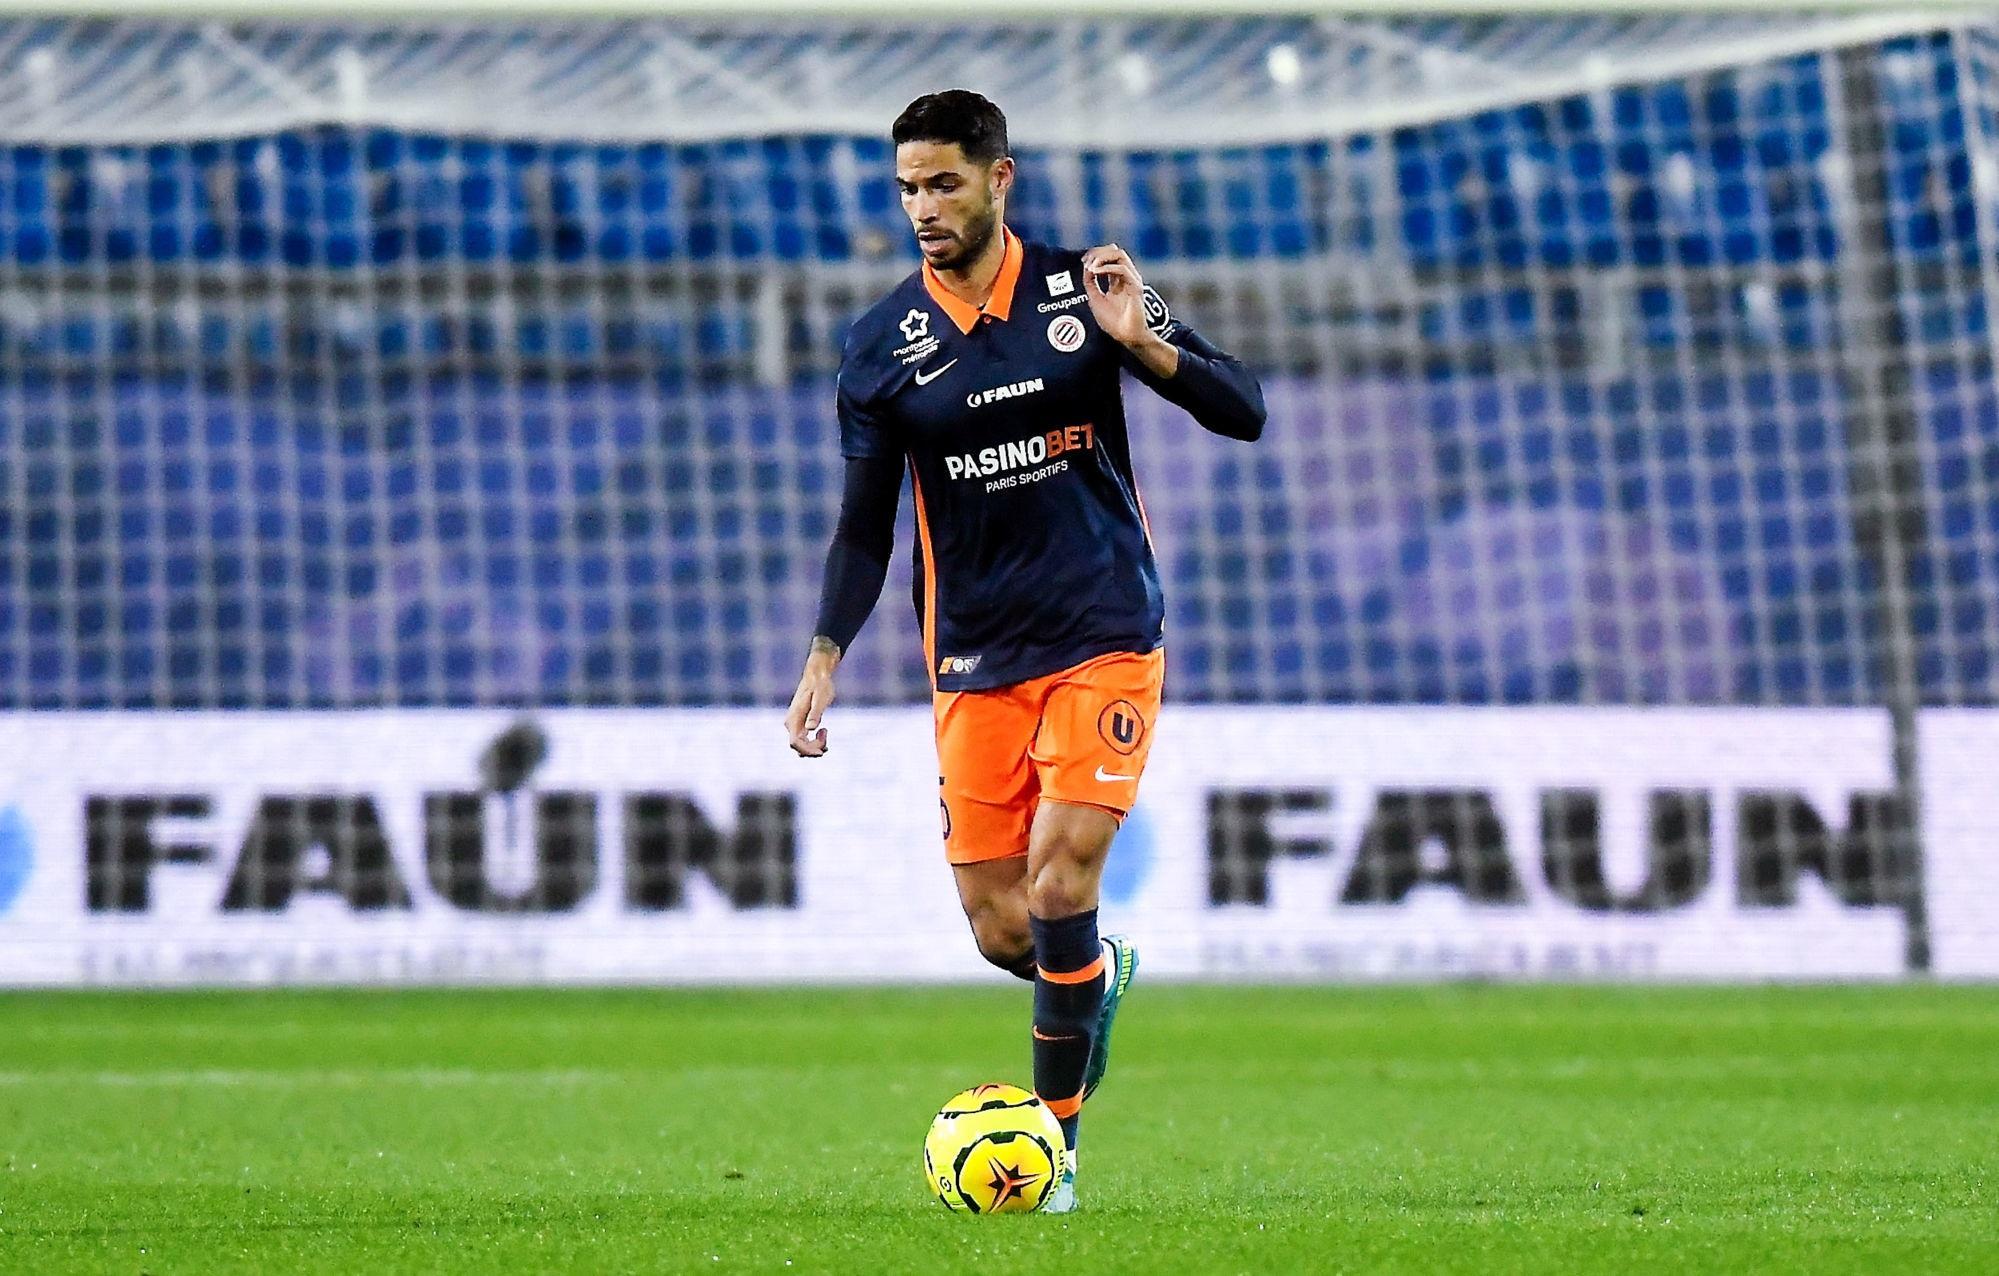 """PSG/Montpellier - Pedro Mendes espère que son équipe pourra """"rebondir"""" à Paris et n'a pas """"peur"""""""